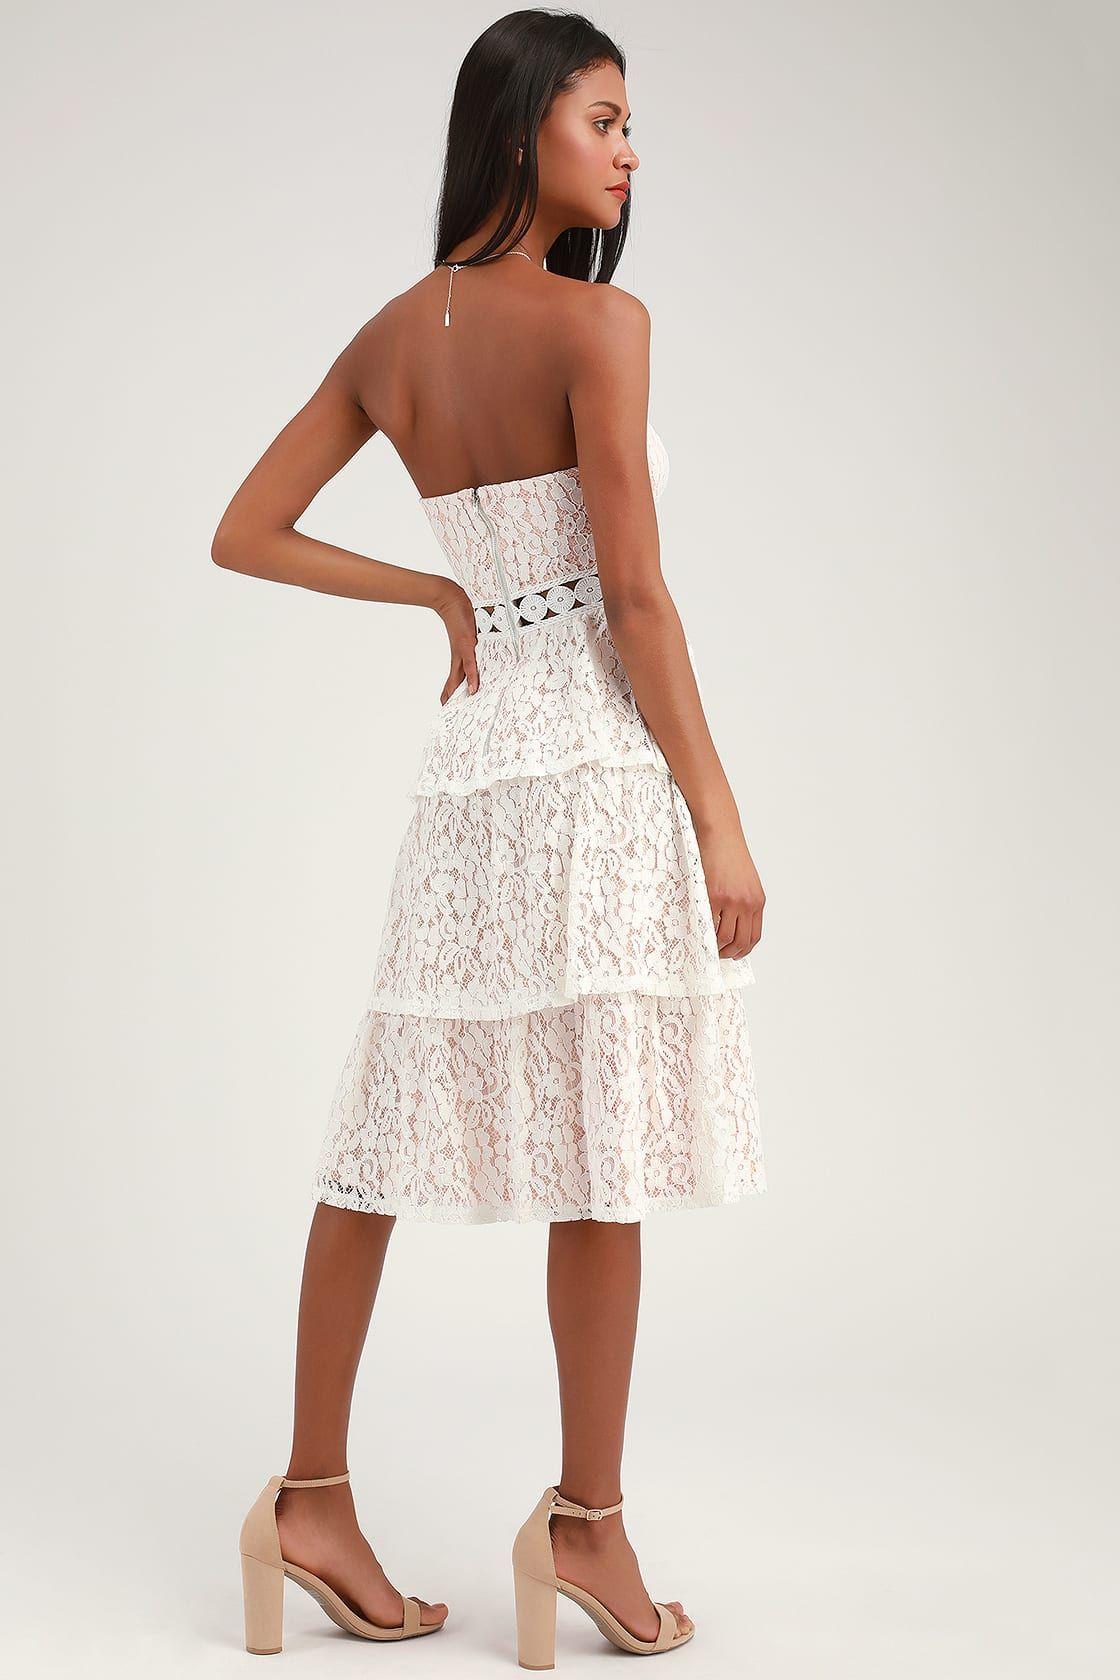 Adorn White Lace Strapless Midi Dress Long Sleeve White Dress Short Strapless Midi Dress White Dresses For Women [ 1680 x 1120 Pixel ]